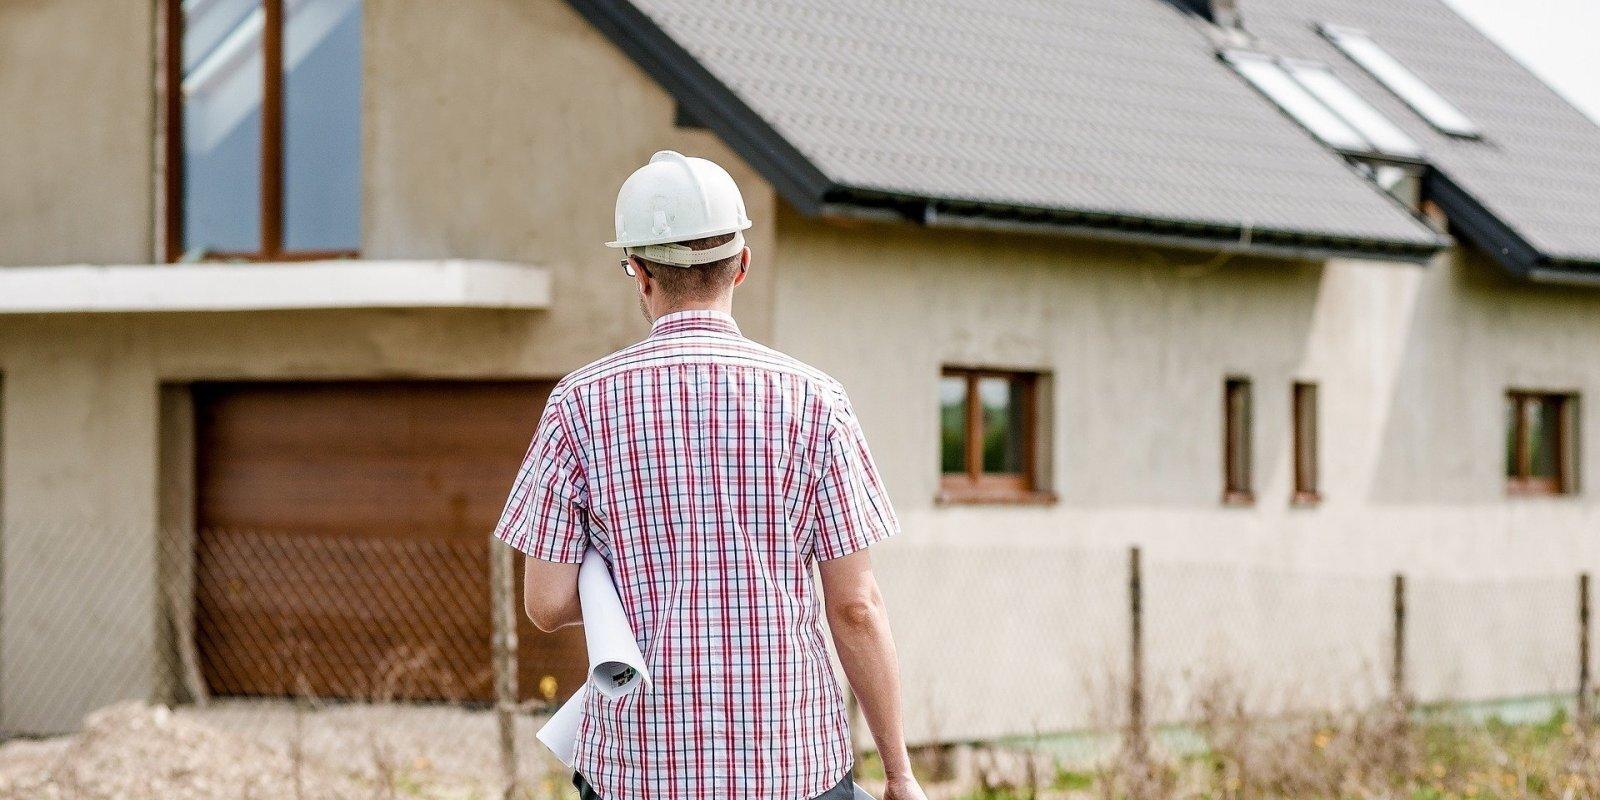 Būvniecības nozarē aug cenas. Kurš par to maksās?